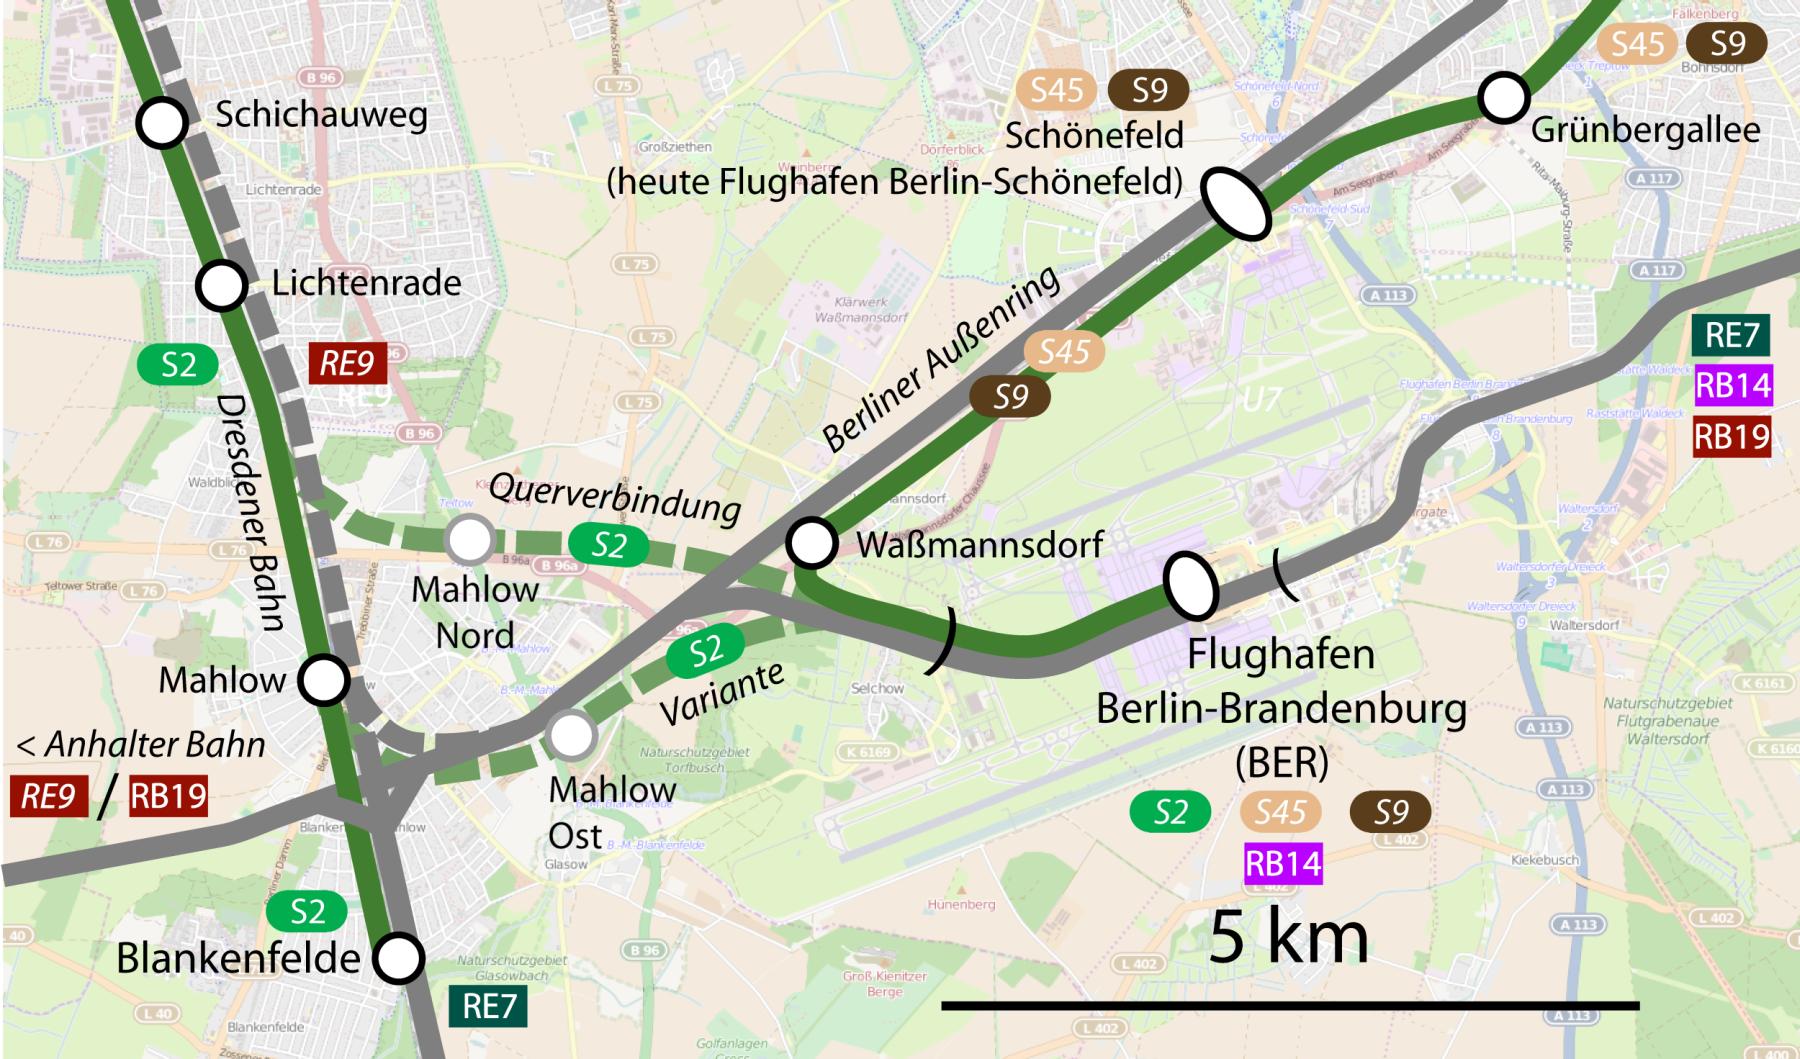 S-Bahn-Querverbindung von Lichtenrade zum BER  – ein Vorschlag zur Verbesserung der Verkehrsanbindung des neuen Flughafens Berlin-Brandenburg